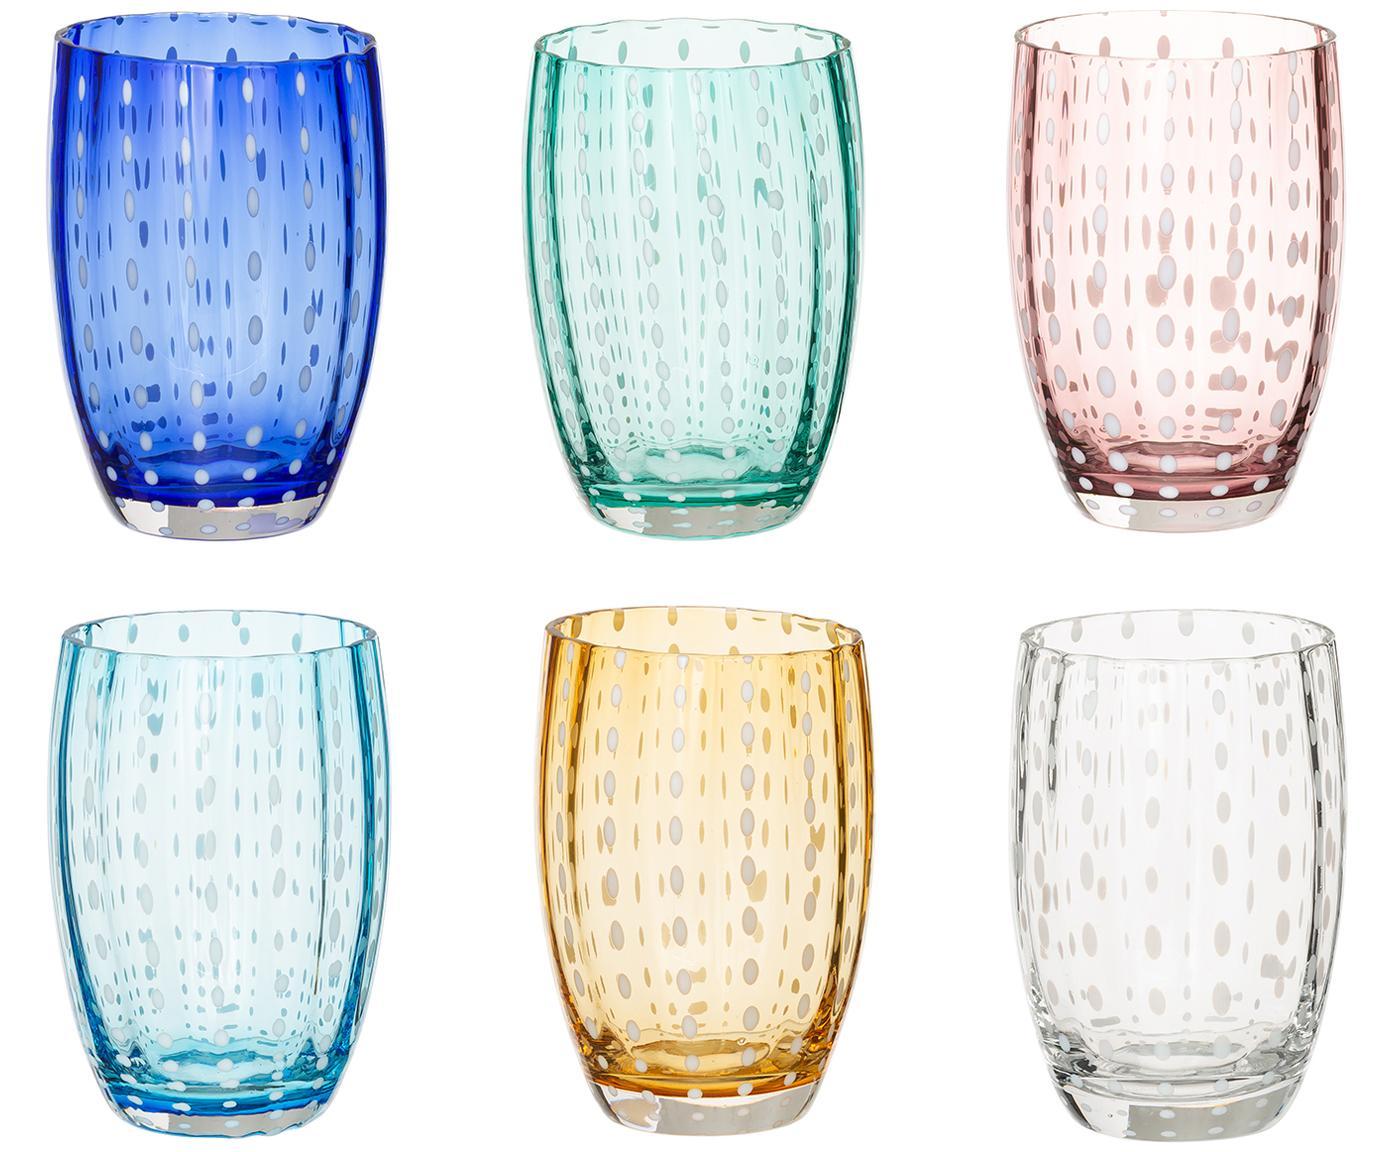 Vasos de vidrio soplado Perle, 6uds., Vidrio, Transparente, blanco, azul, ámbar, violeta pastel, rojo y verde, Ø 7 x Al 11 cm